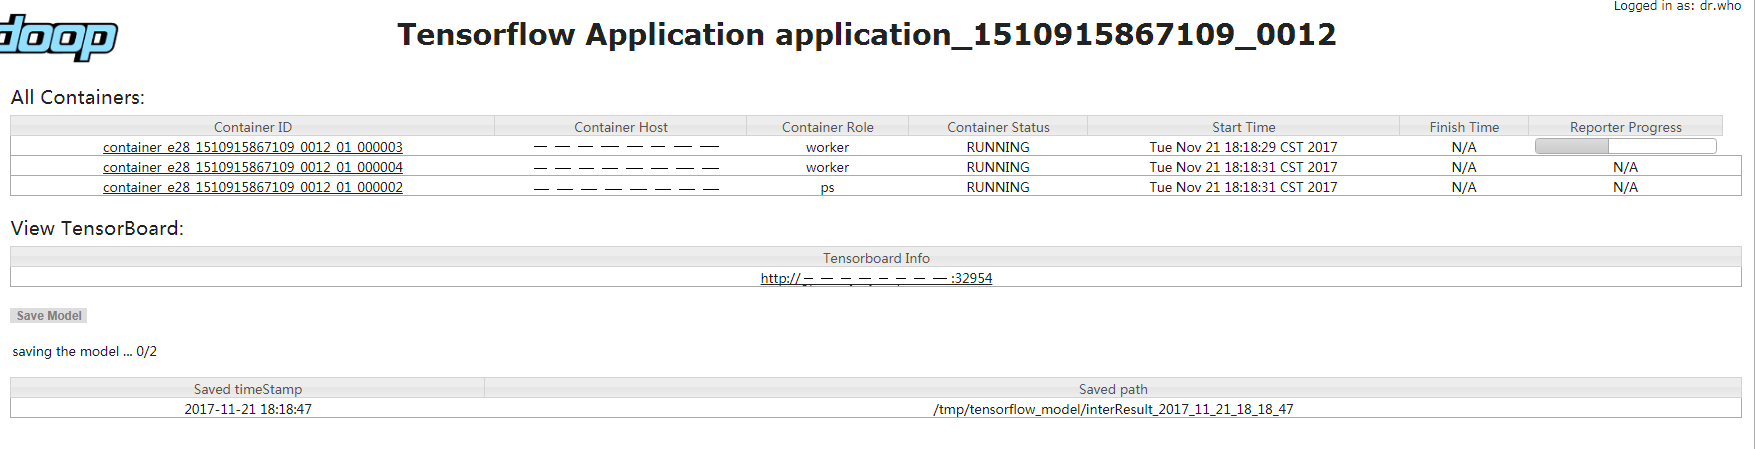 360开源其深度学习调度平台,支持TensorFlow、MXNet等框架